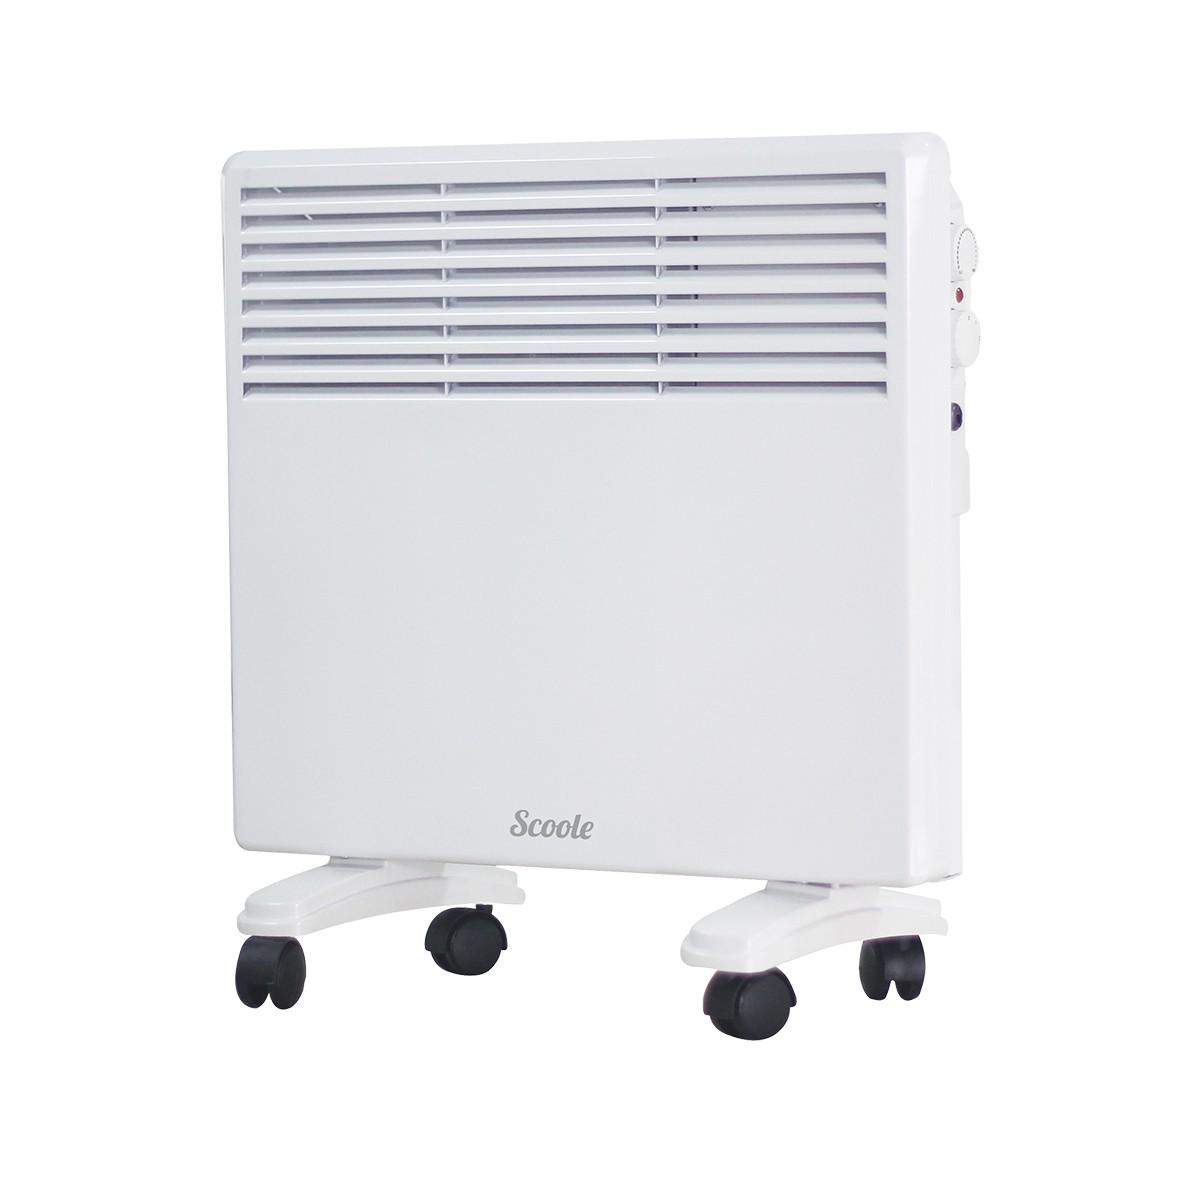 цена на Конвектор Scoole SC HT CM3 1000 WT белый 1000 Вт, 10 кв.м